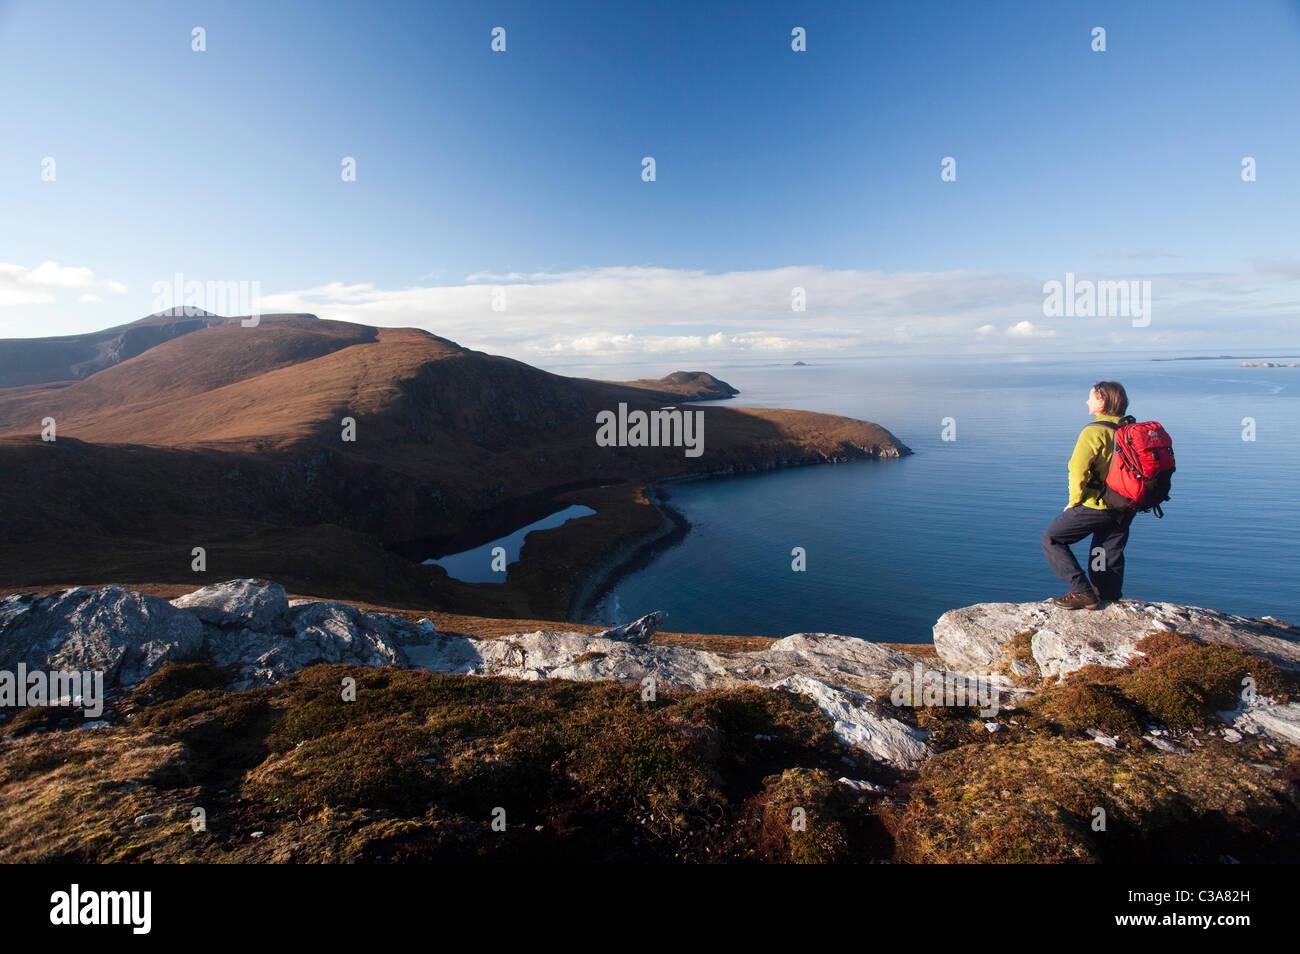 Walker looking across Lough Nakeeroge to Croaghaun, Achill Island, County Mayo, Ireland. - Stock Image